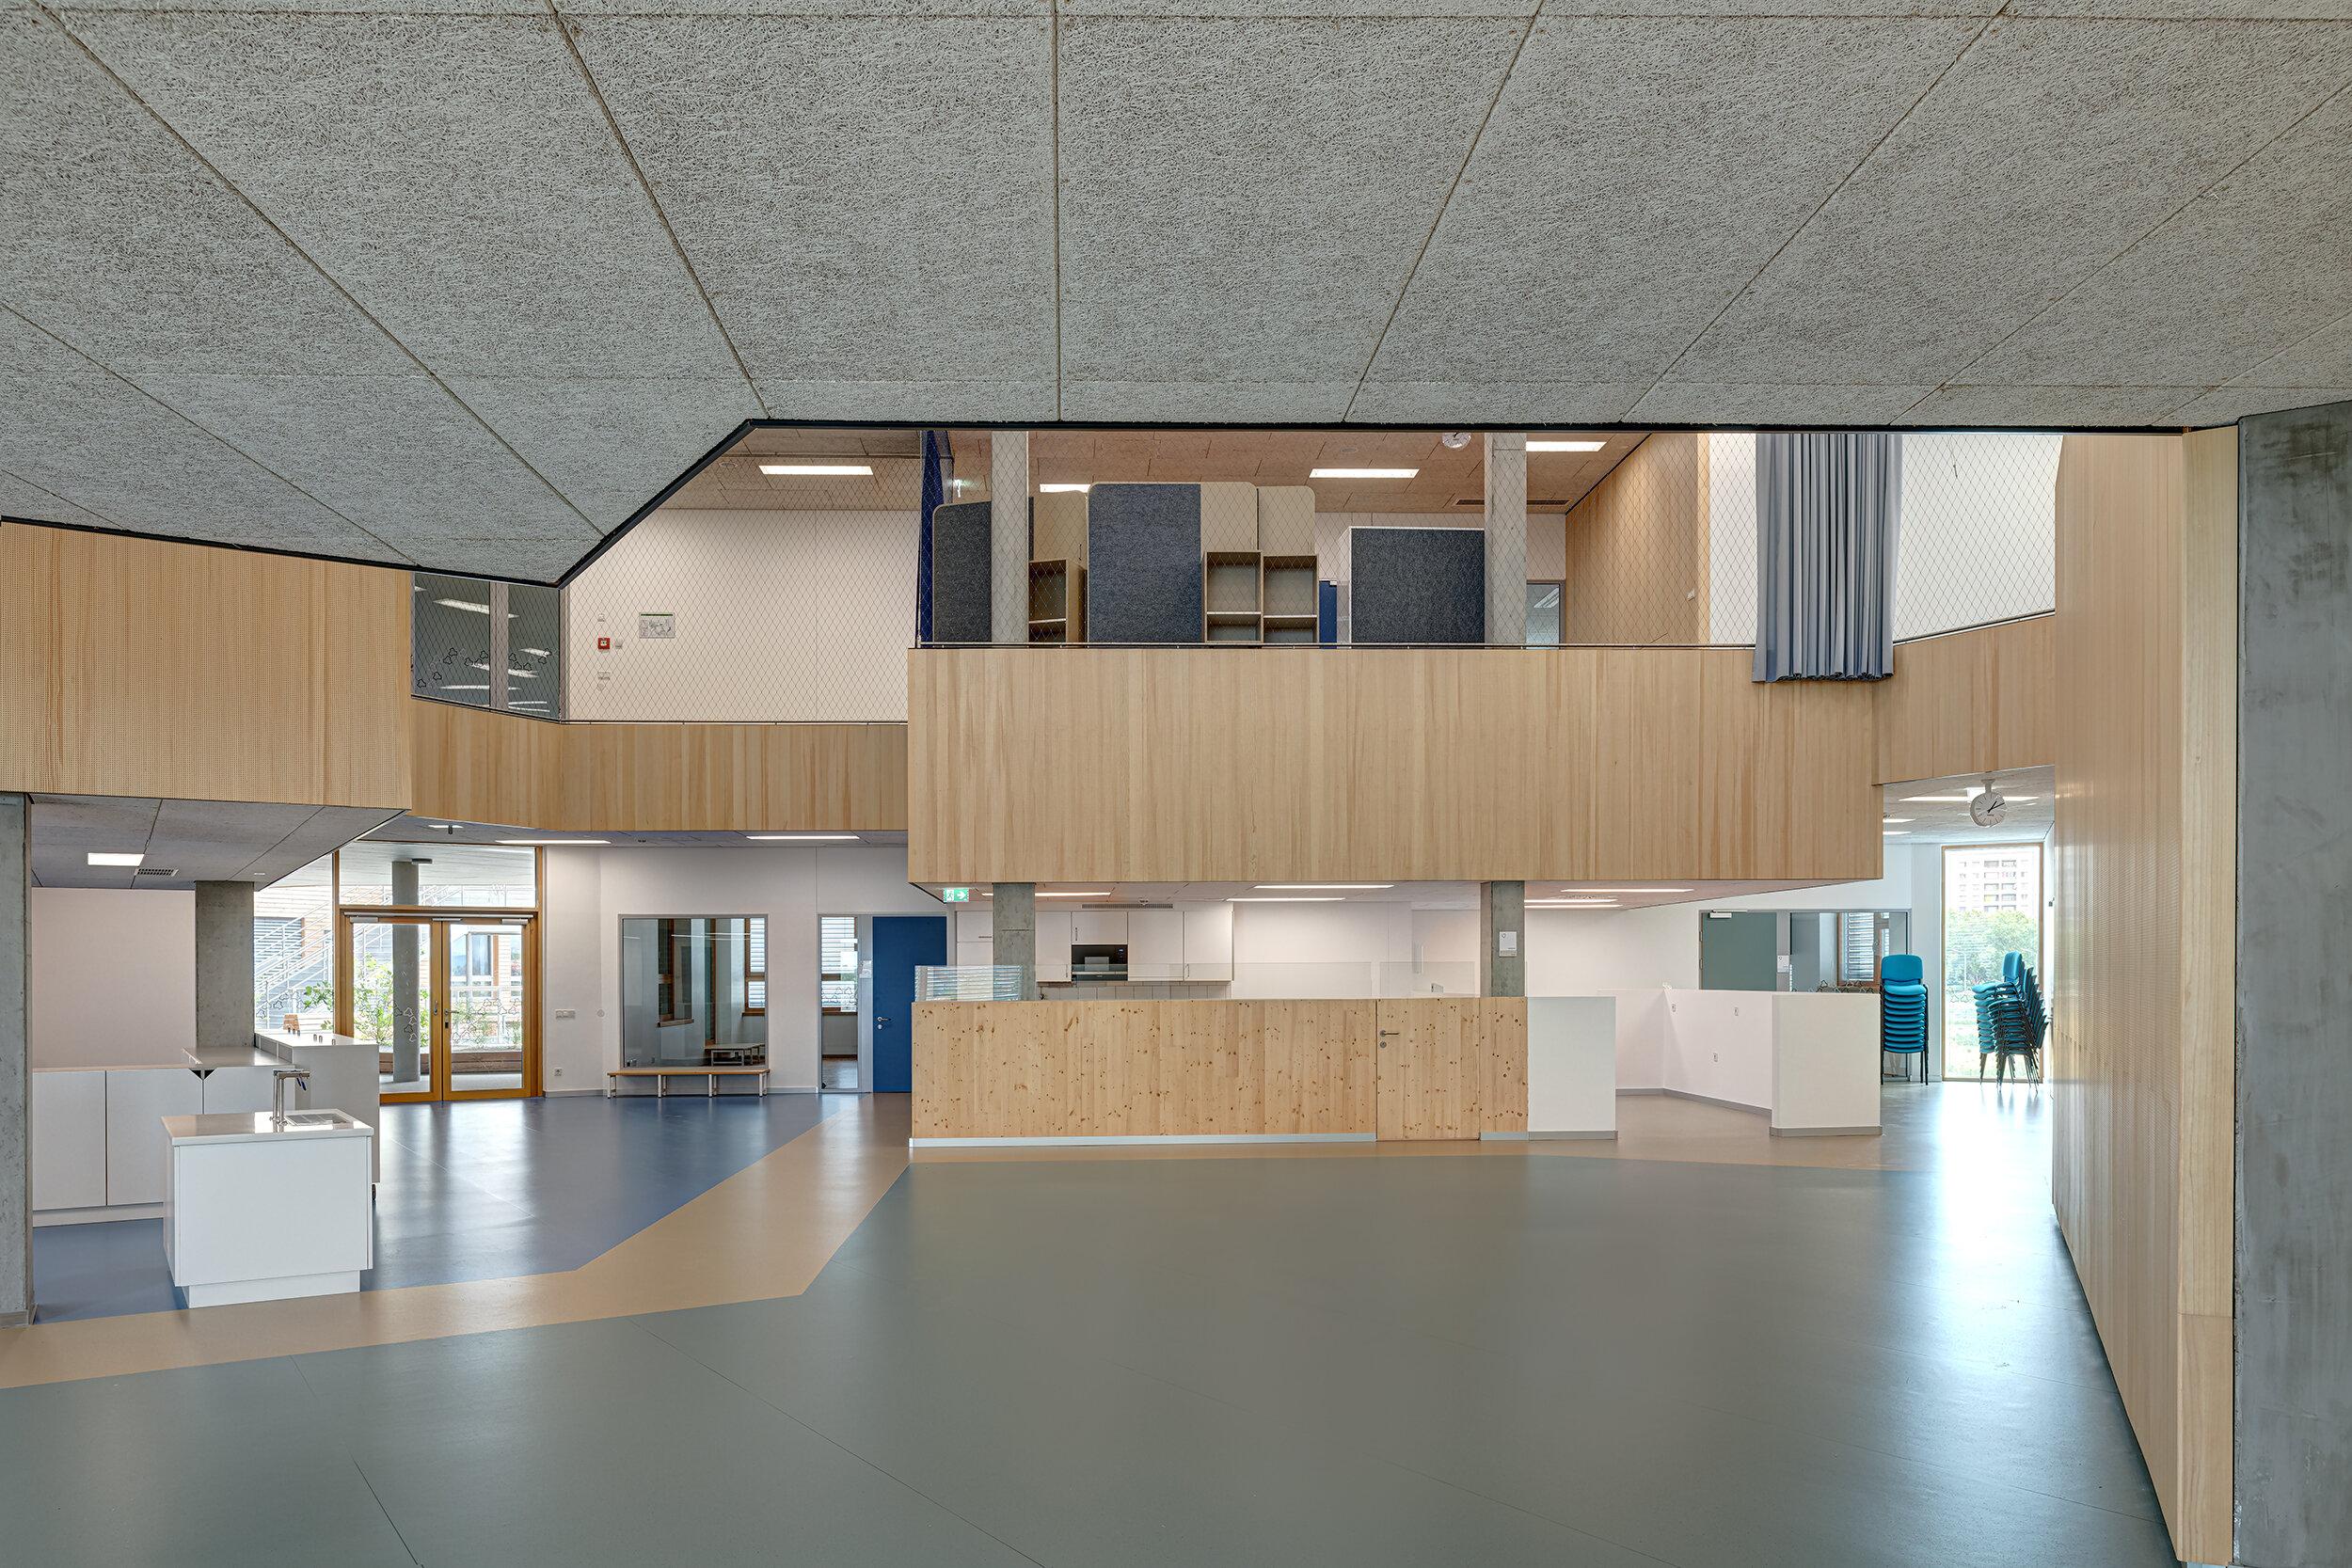 Schubert Photography-Bildungscampus Berresgasse-PSLA ARCHITEKTEN-Akustik Komponenten-Atmos Akustik